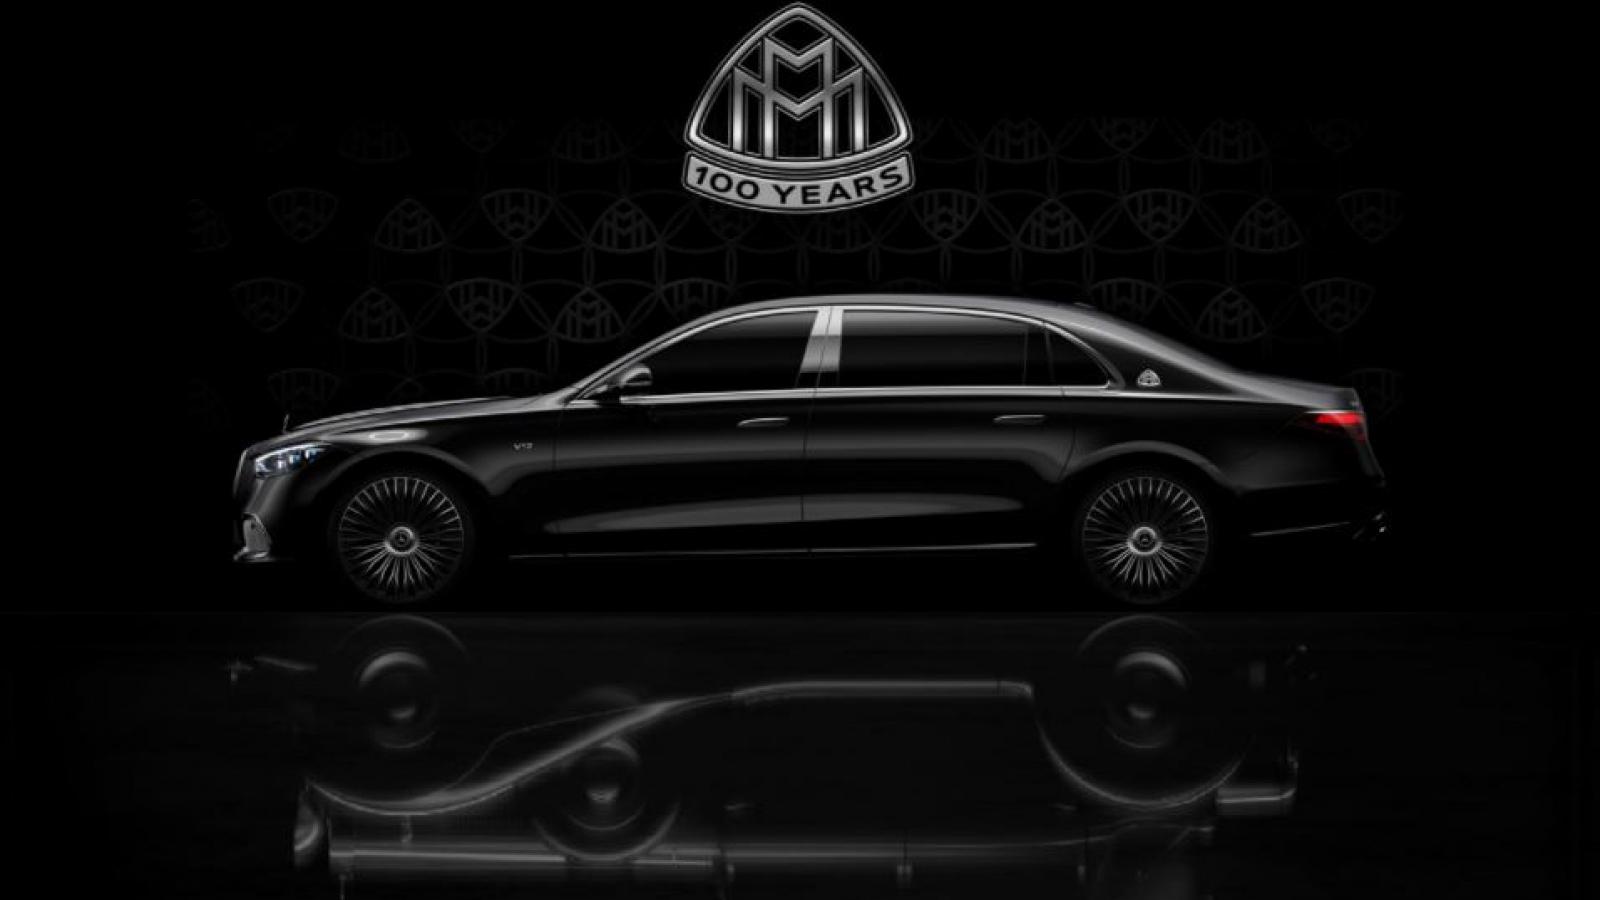 Mercedes hé lộ hình ảnh mới nhất về mẫu flagship Maybach S-Class động cơ V12